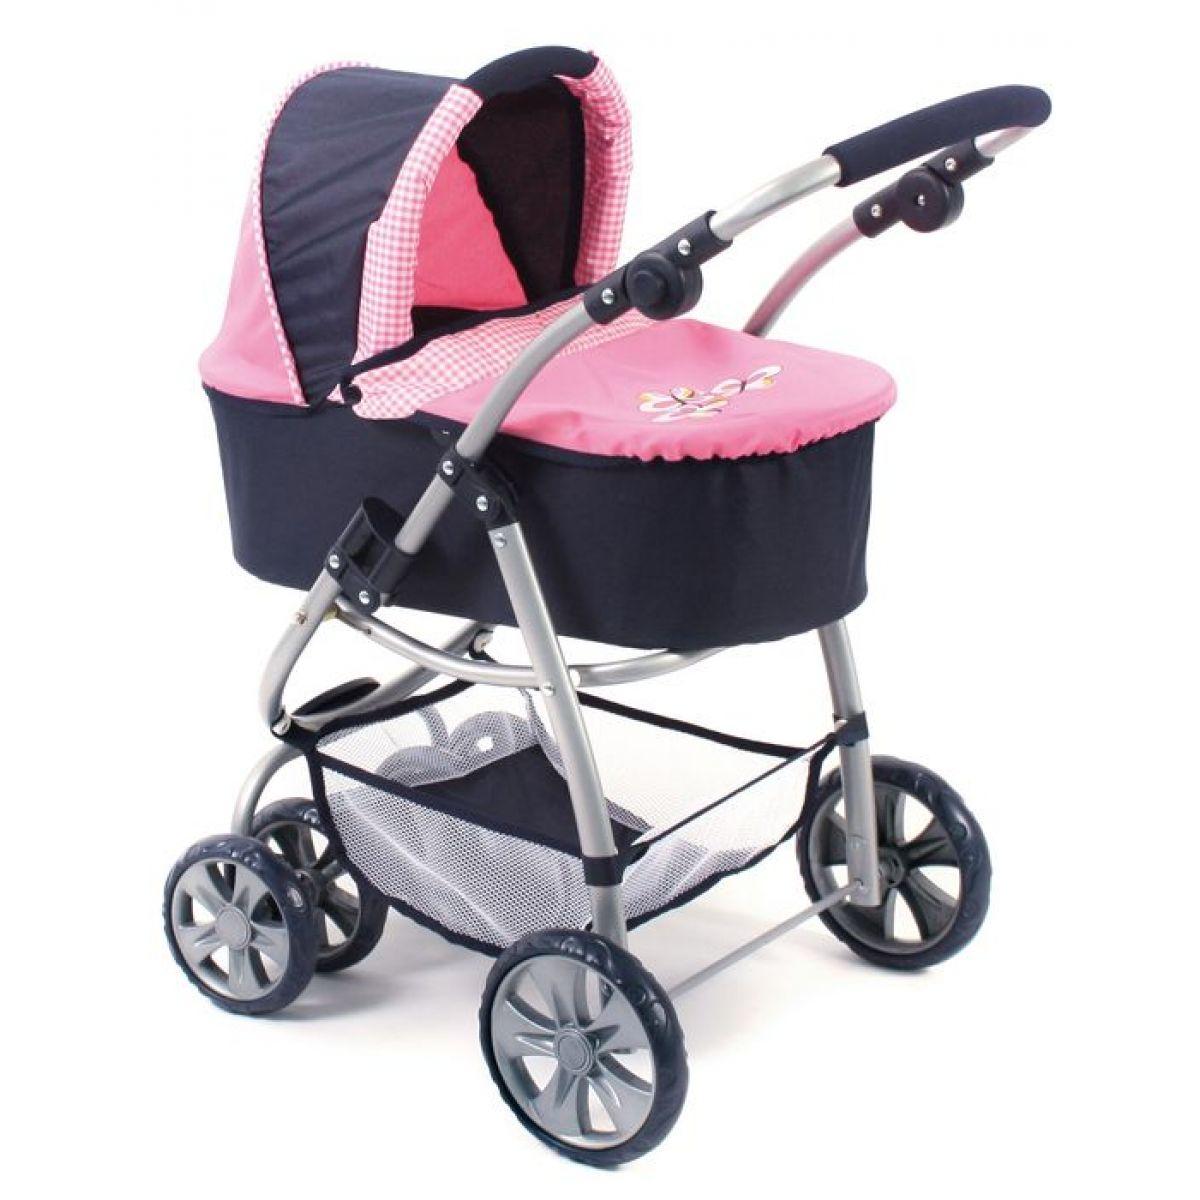 Bayer Chic Kočárek pro panenku Bellina 2v1 - pink checker